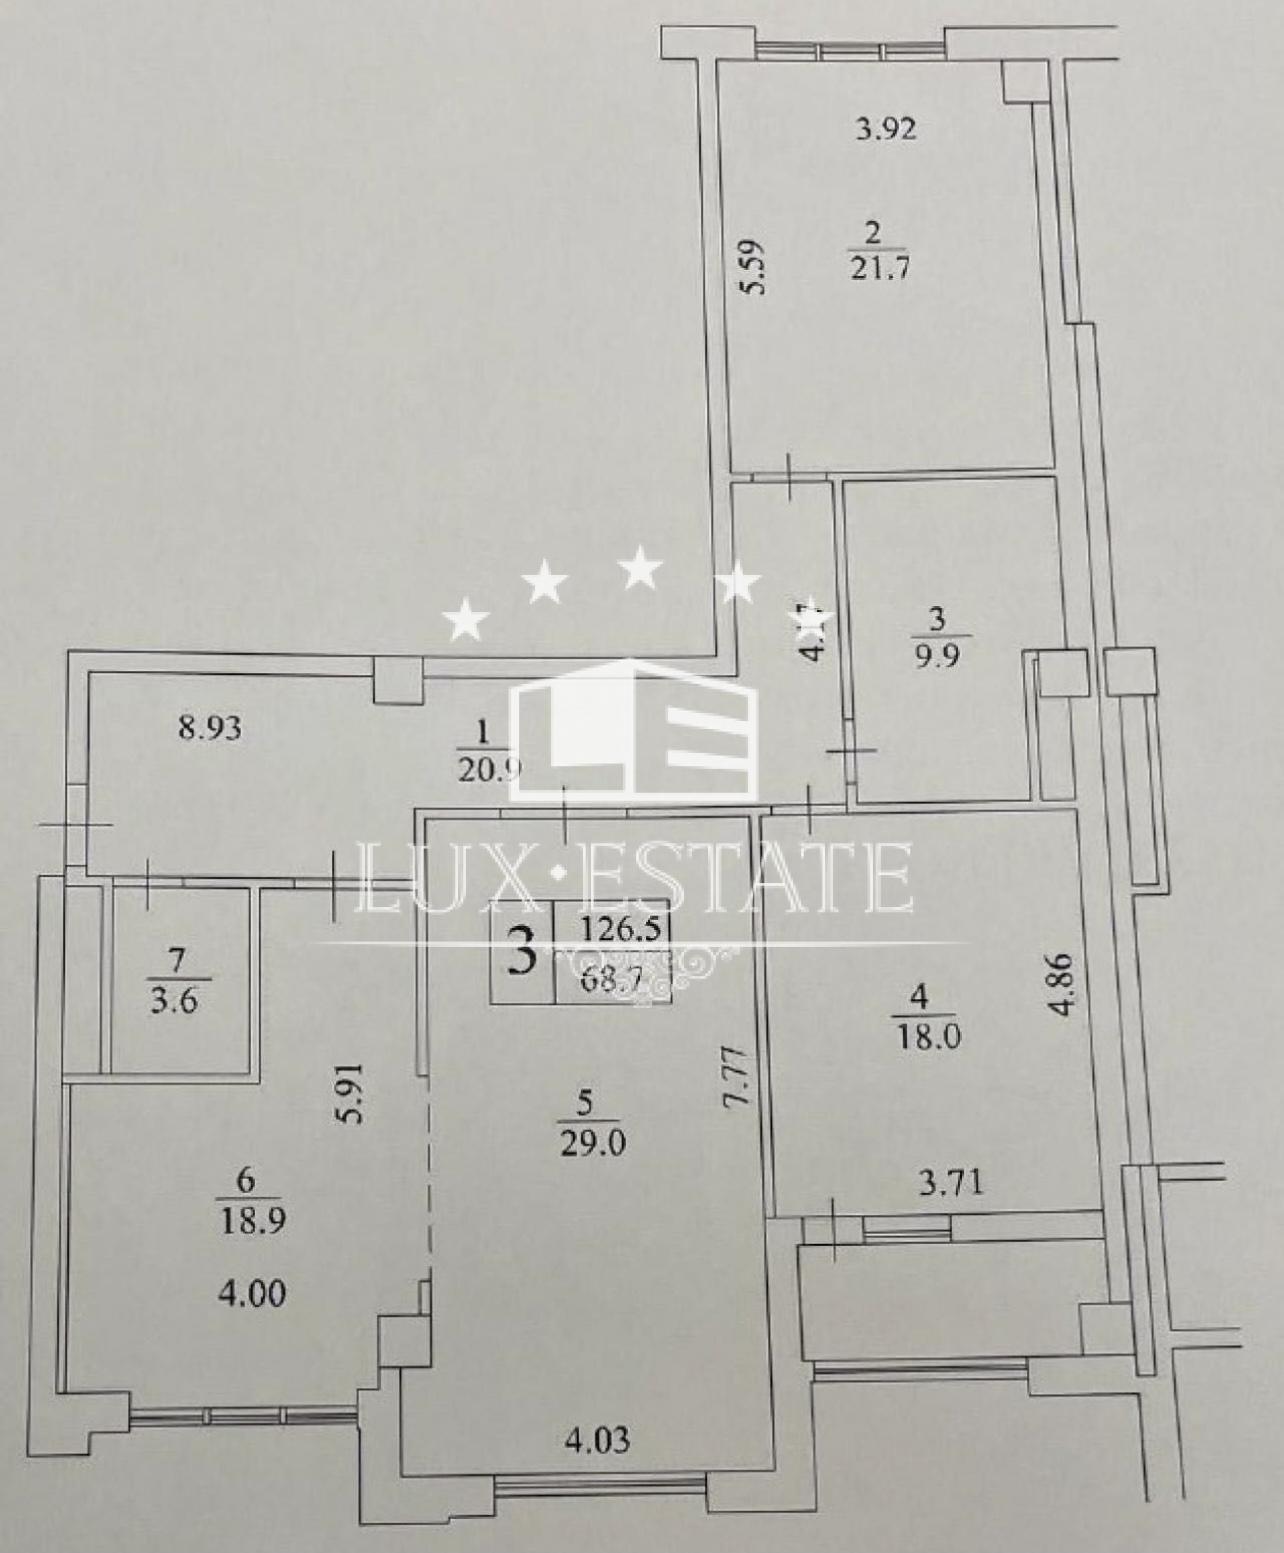 65632BC1-370C-4257-B119-1B5EF7D8FCF9.jpeg